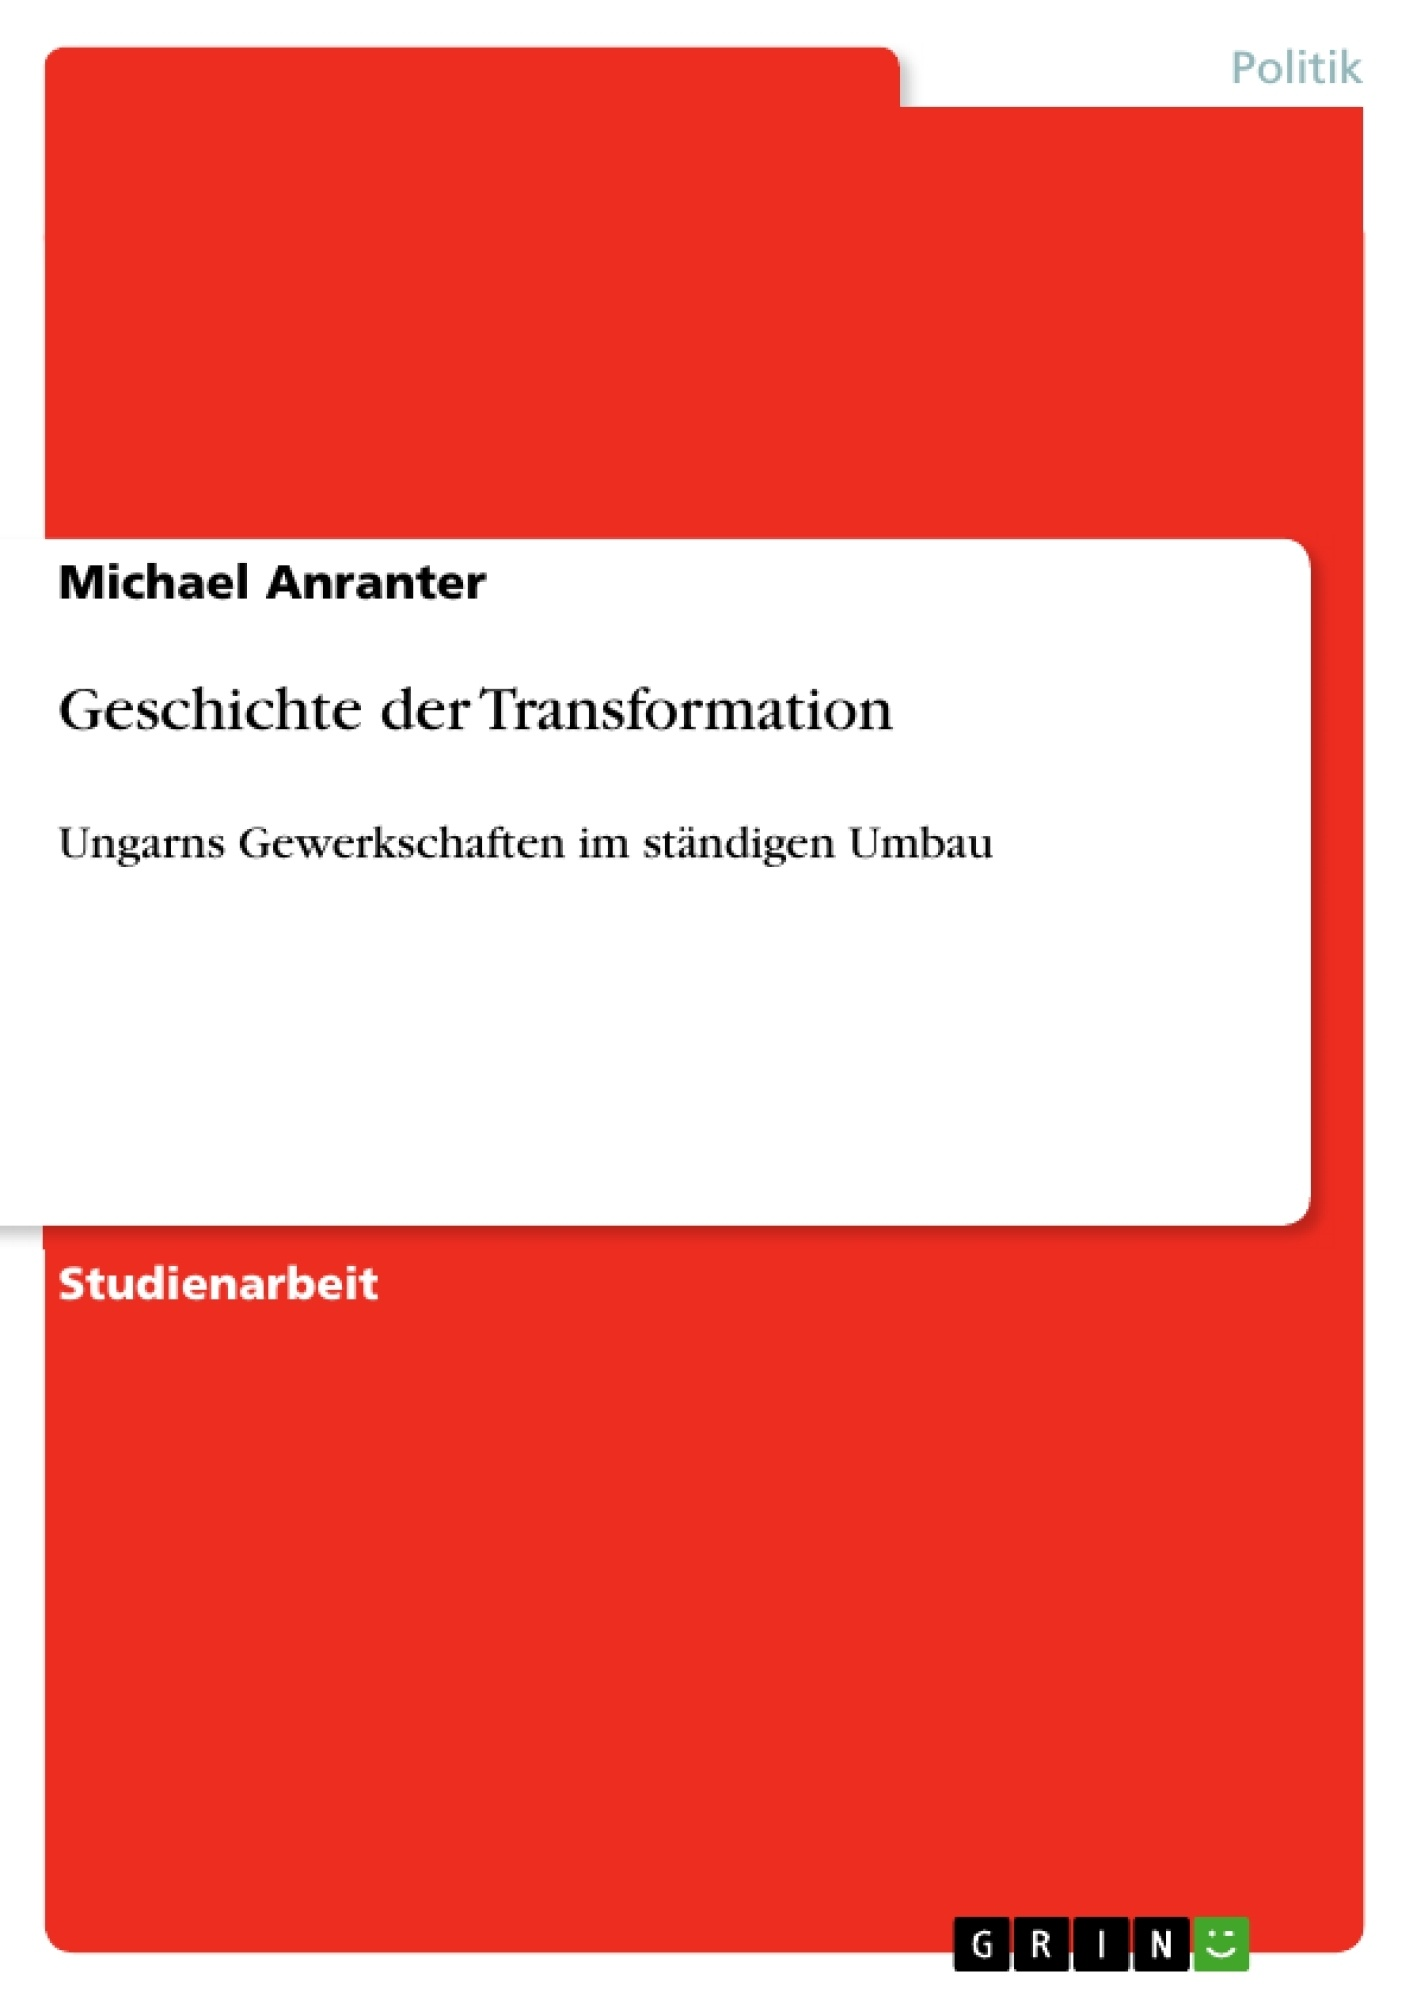 Titel: Geschichte der Transformation